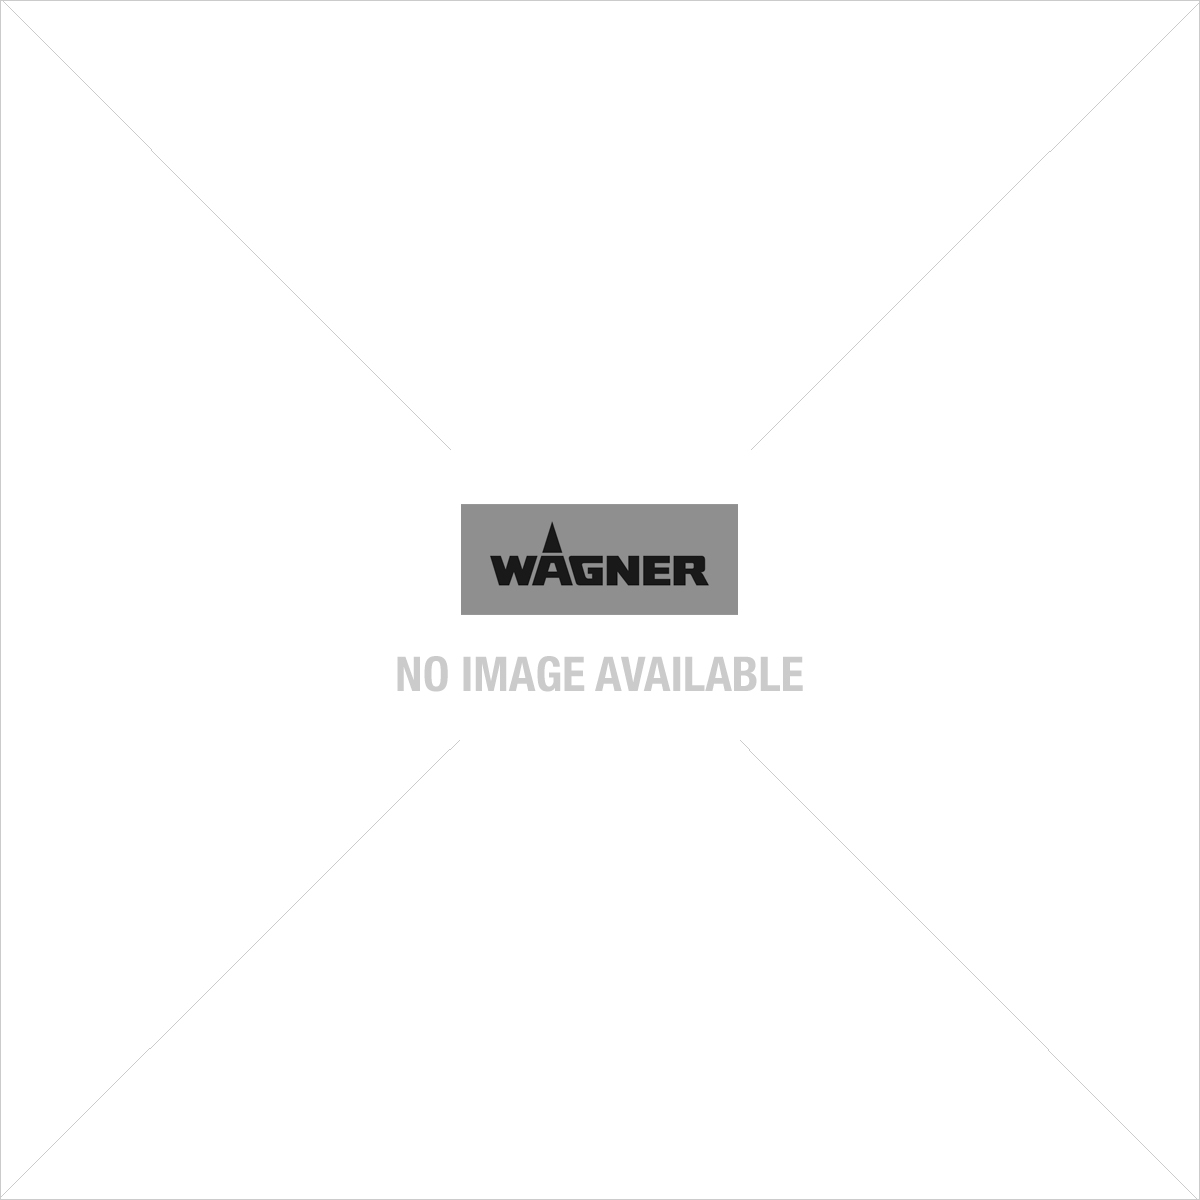 Wagner Large Masking Tape Set